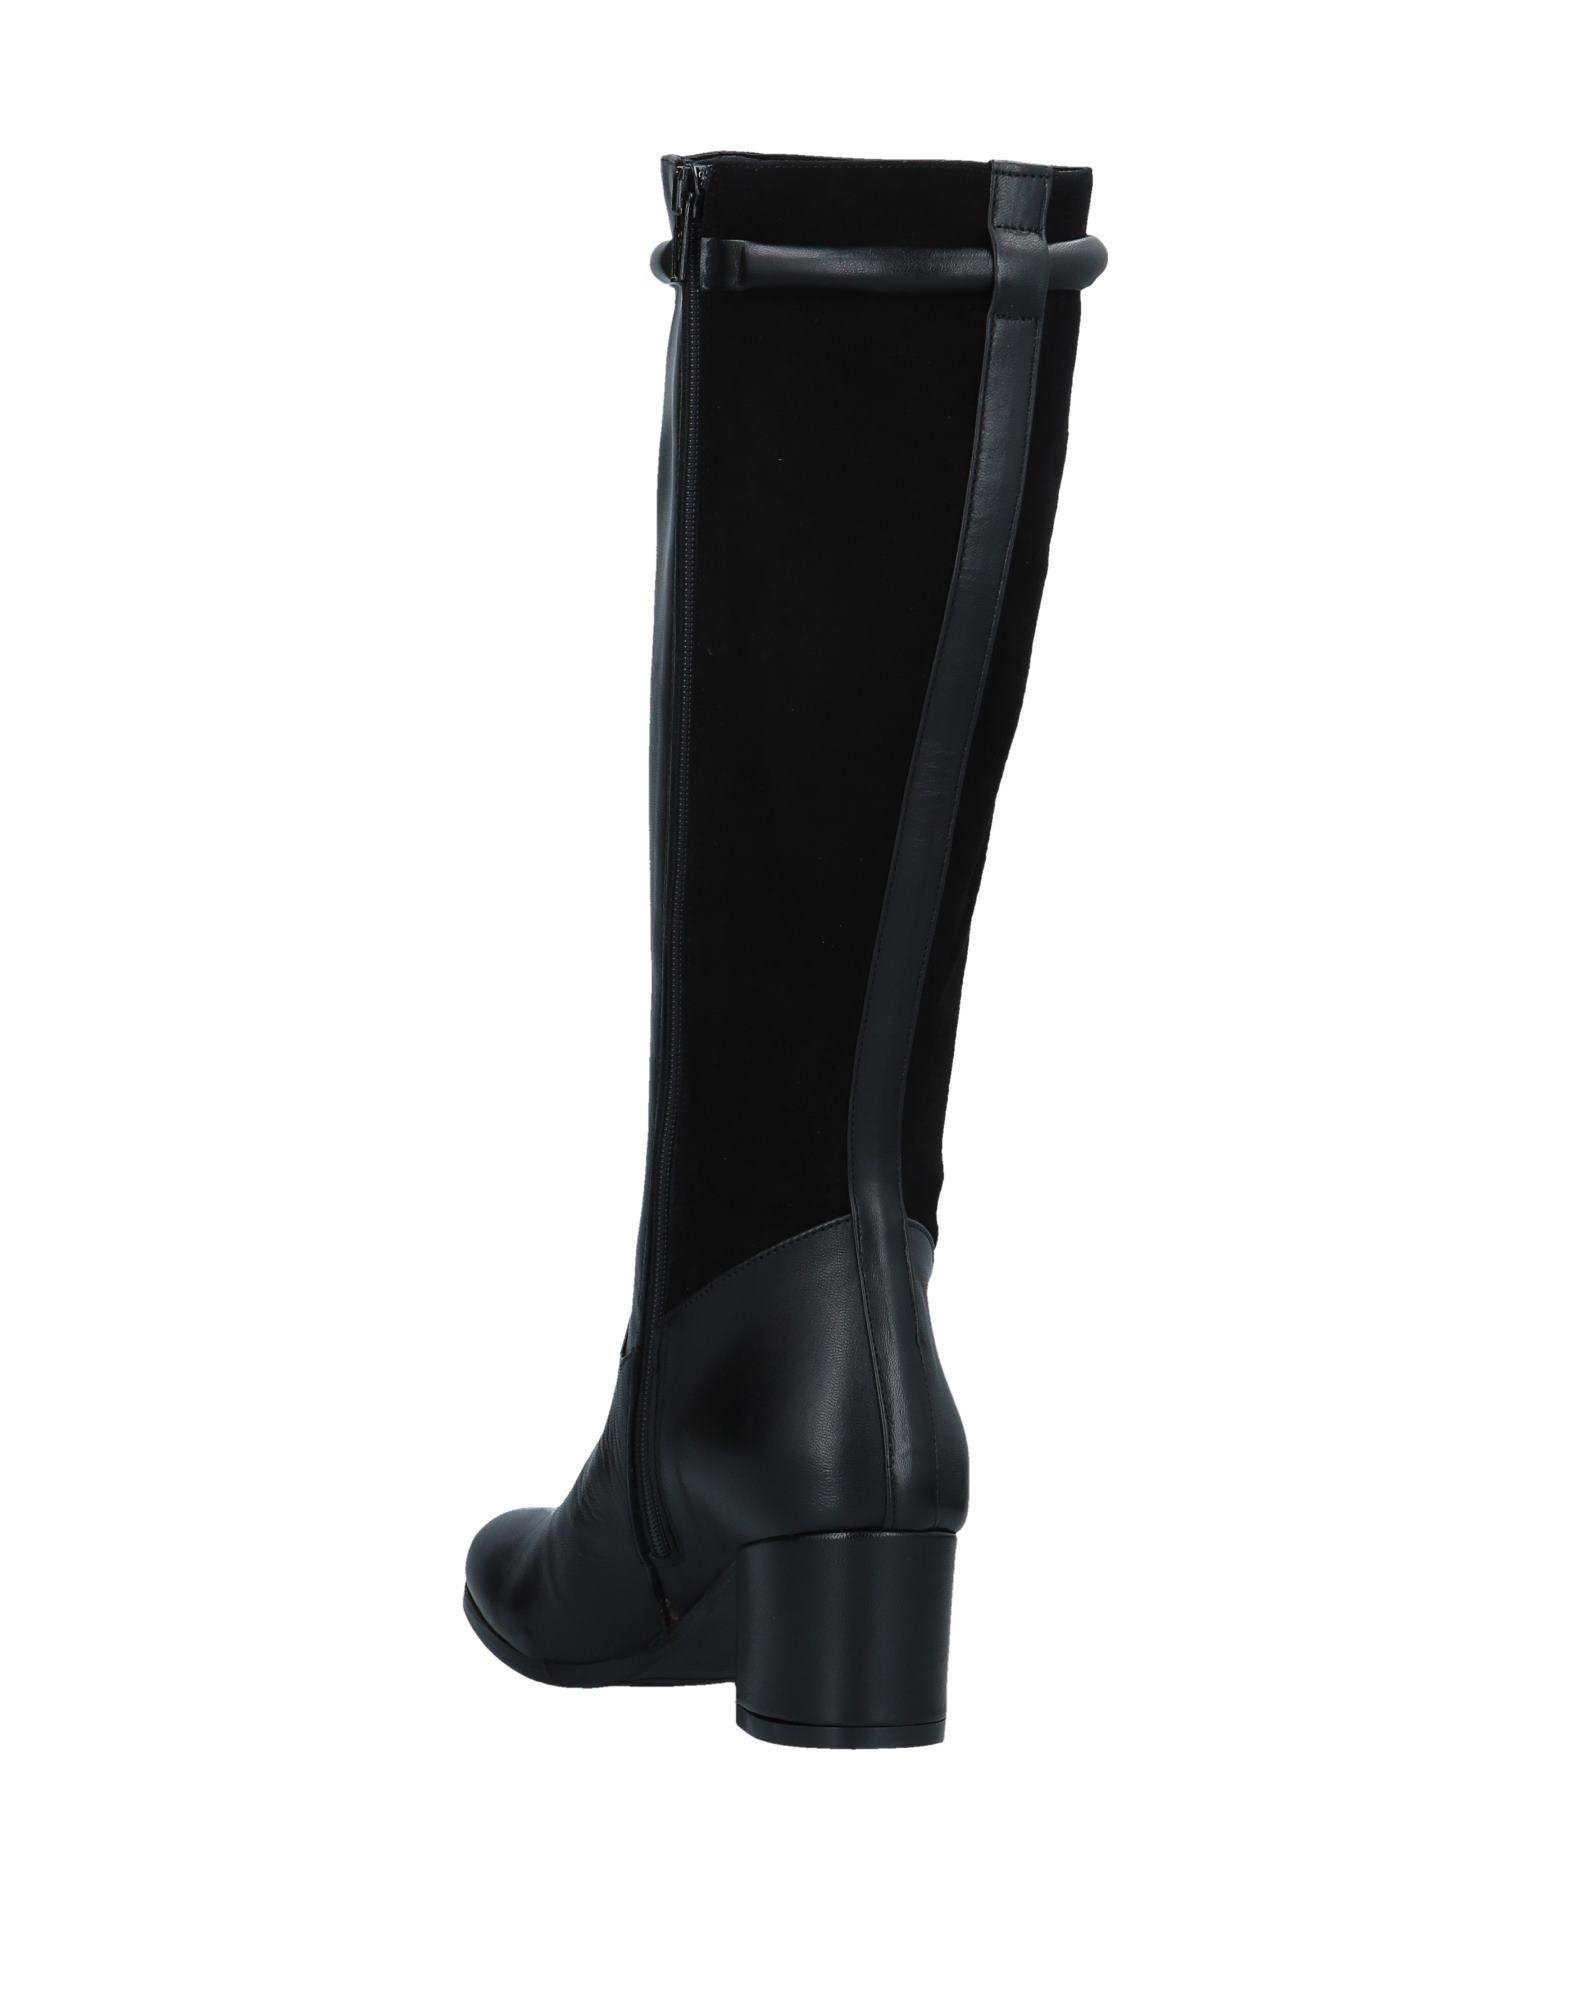 Jada Simon Stiefel Damen  11538304US Gute Qualität beliebte Schuhe